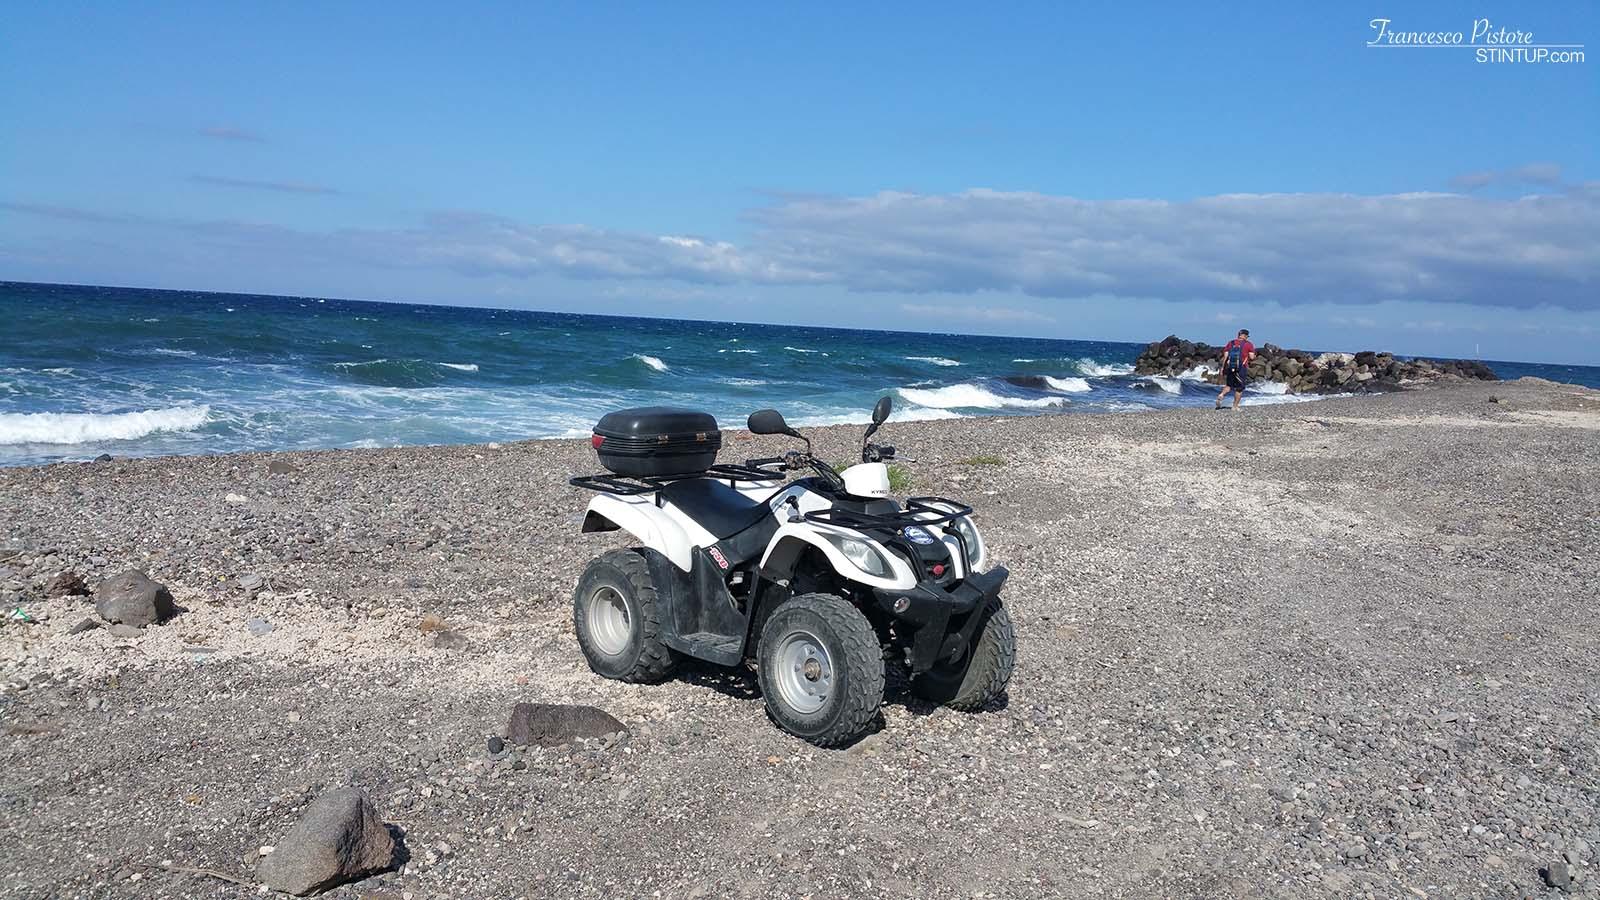 Santorini. Uno dei nostri quad. Consiglio almeno un 150cc